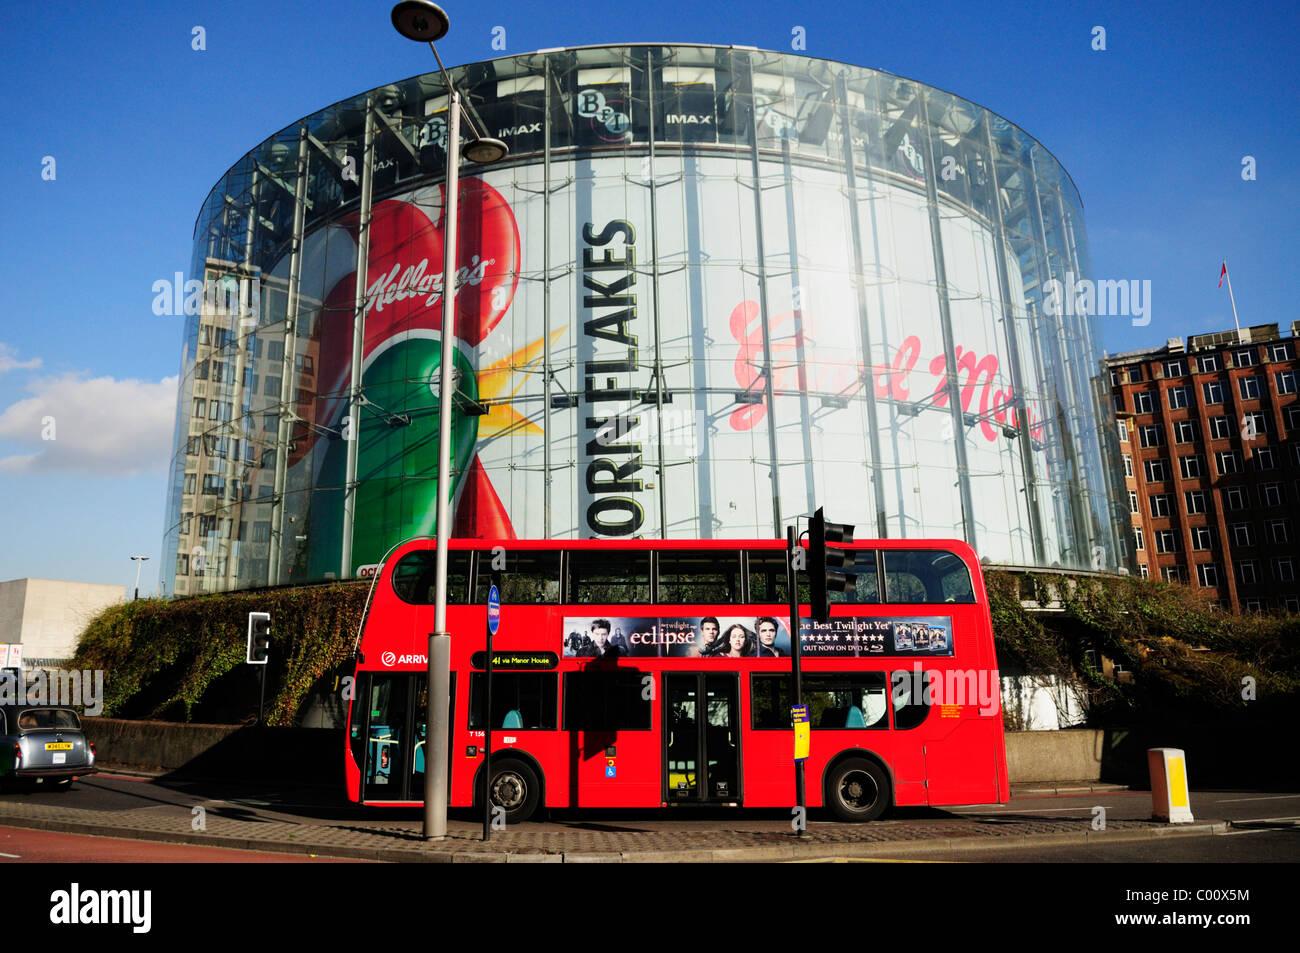 BFI  IMAX Southbank Cinema, Waterloo, London, England, UK - Stock Image